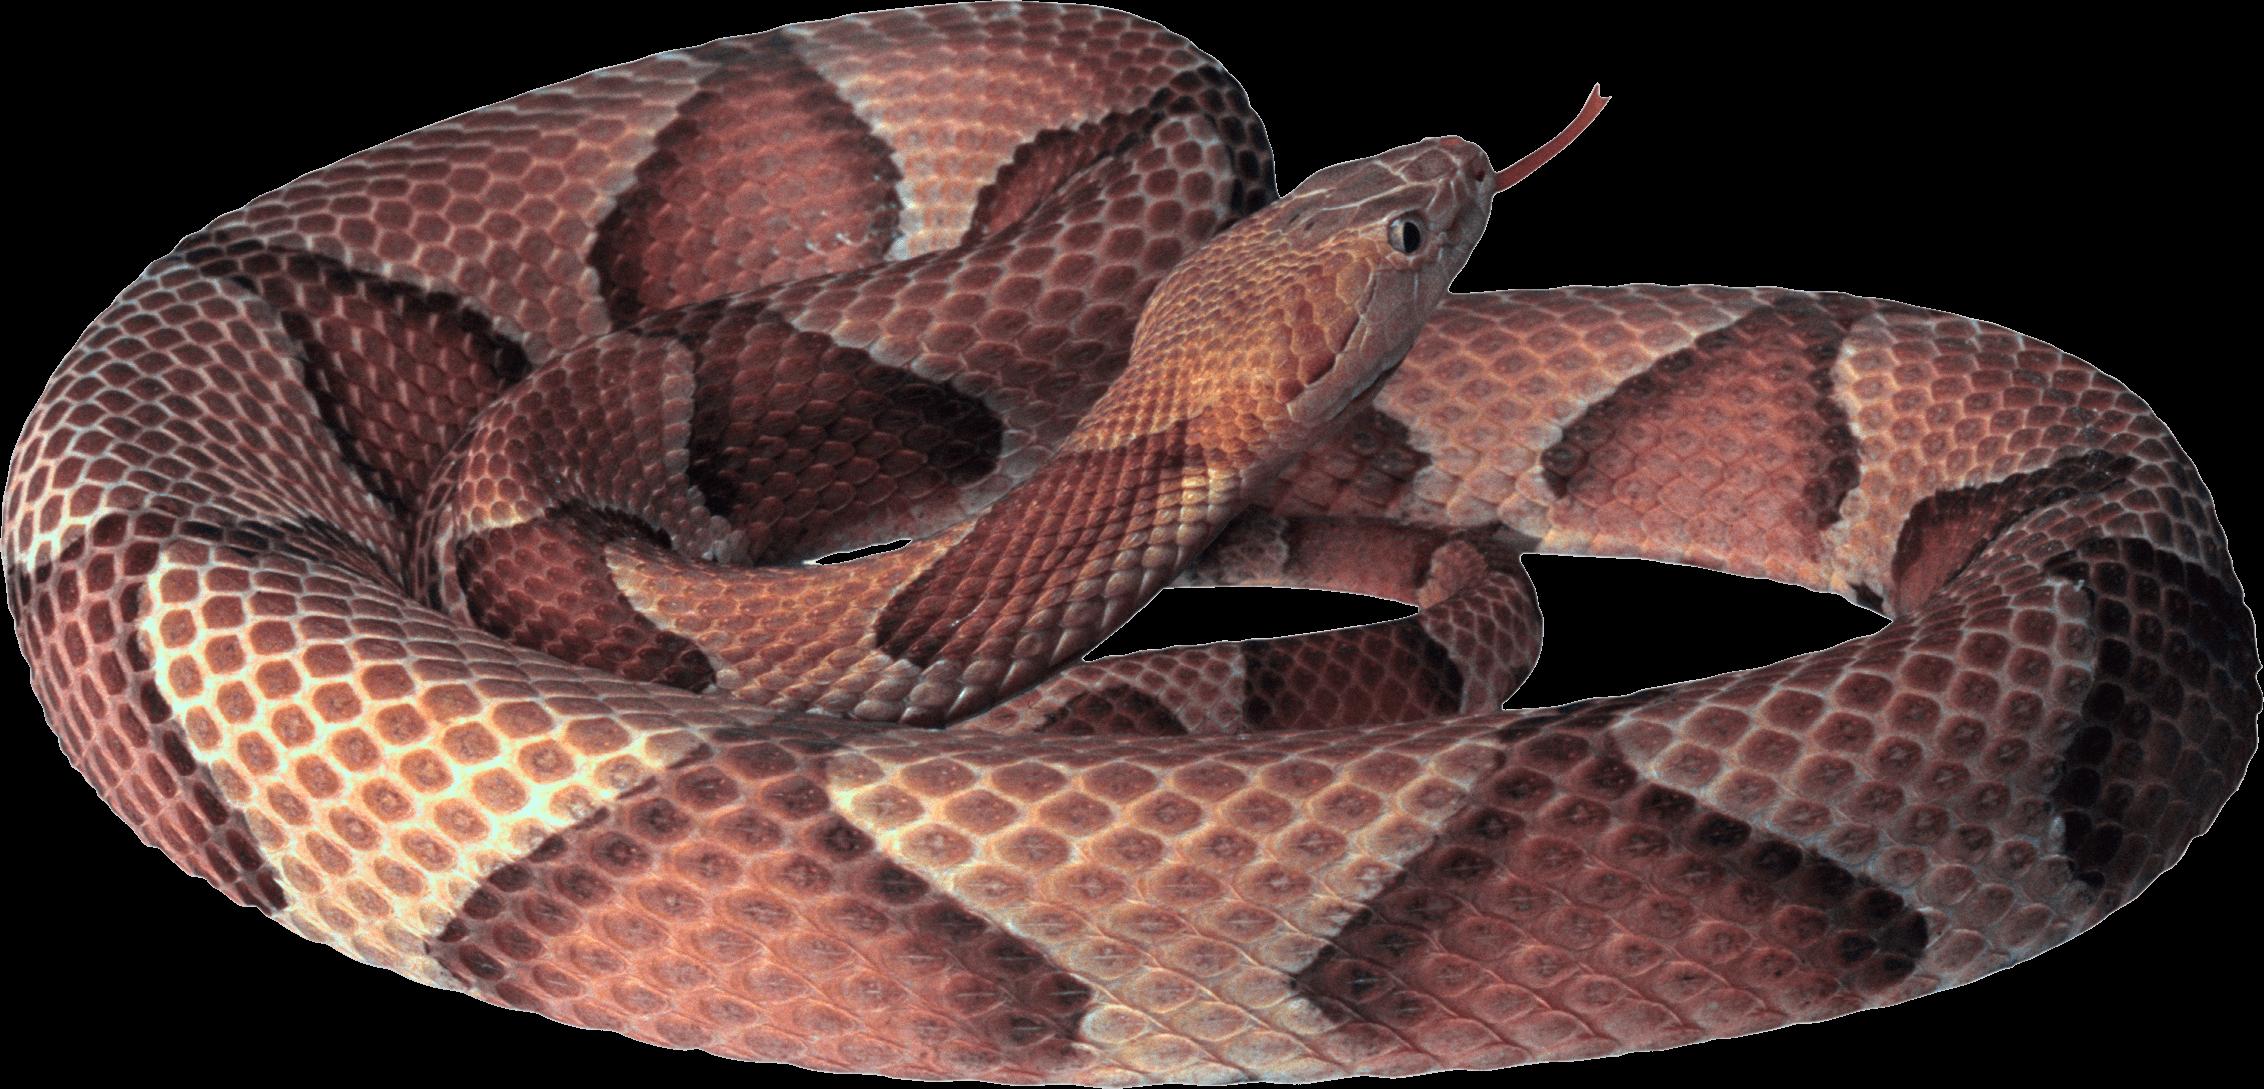 Curling Snake